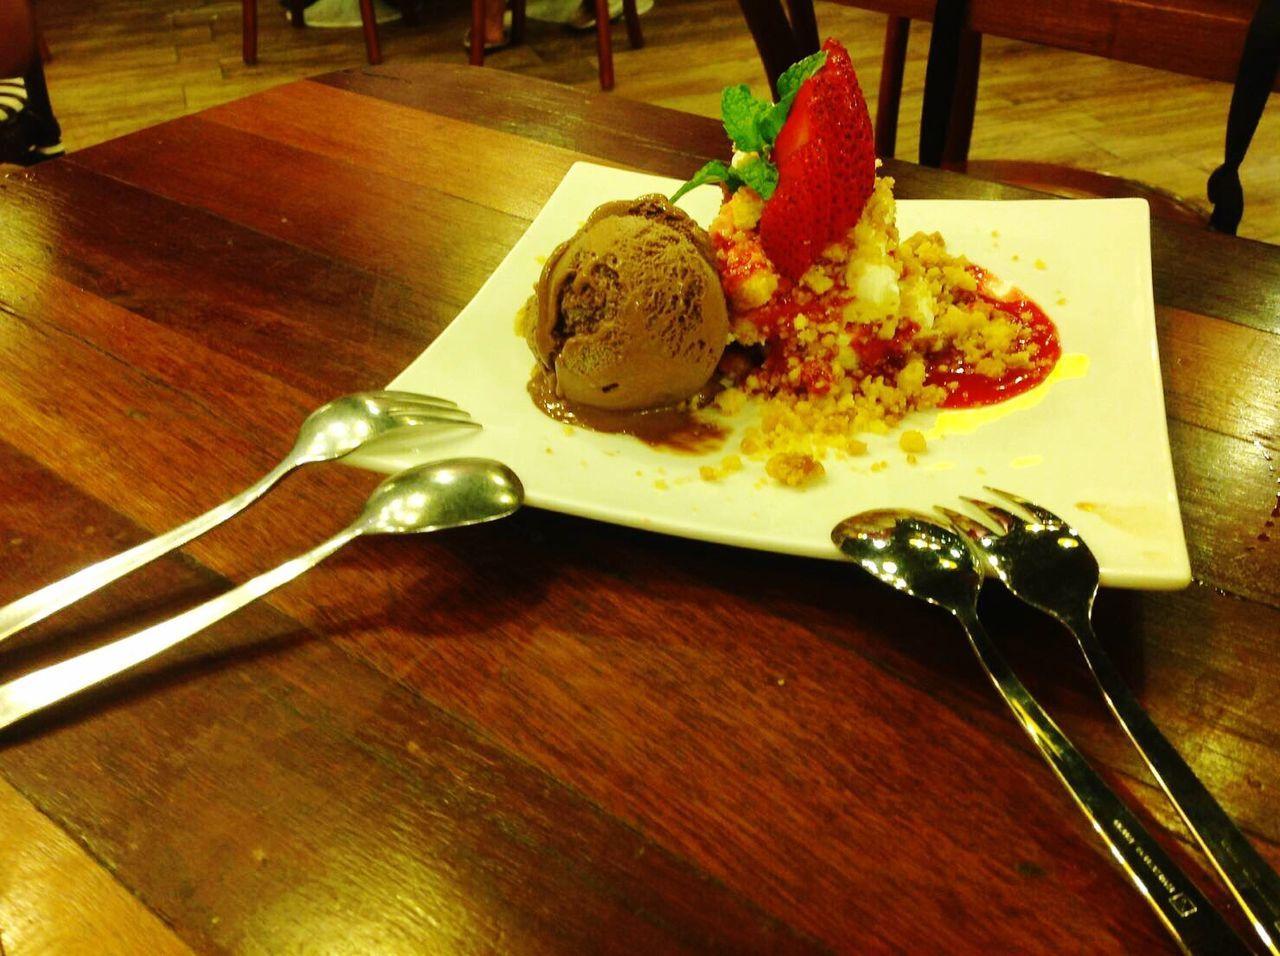 How You Celebrate Holidays Onthetable Icecreamcake  Eating Icecream Strawberry Icecreamstrawberry Enjoyeating Breaktime